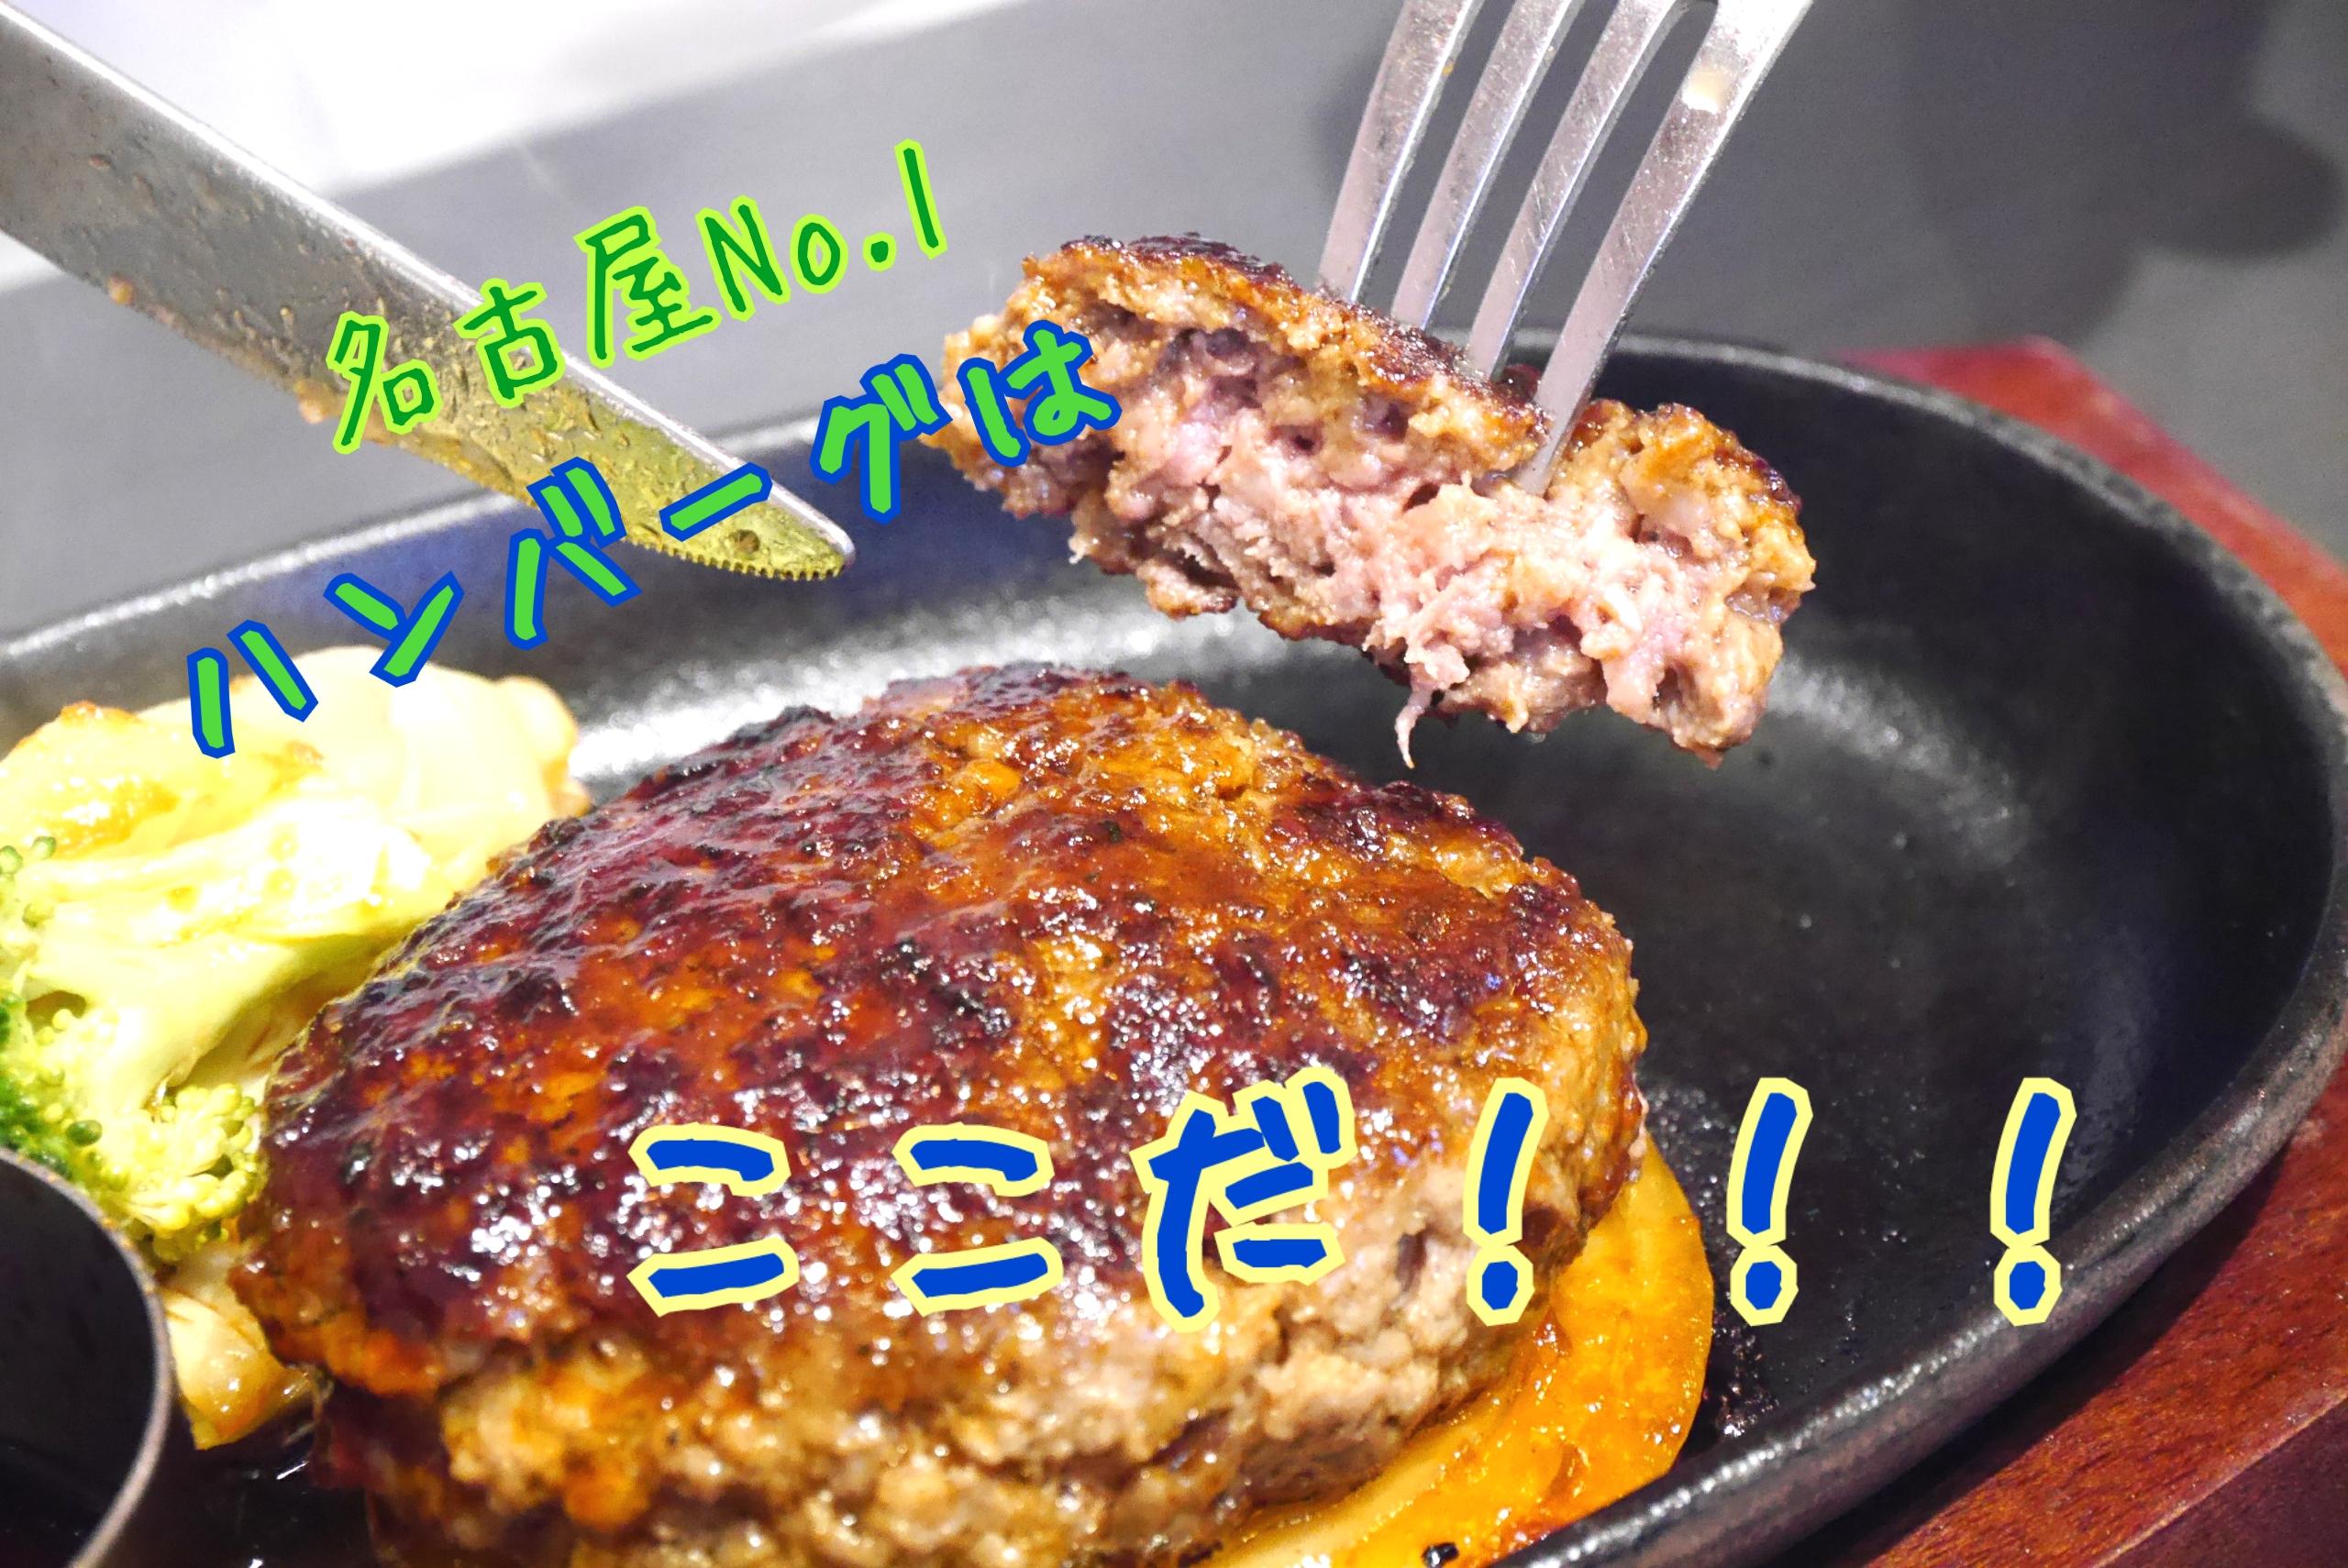 【名古屋No.1】JAが提供する国産牛のこだわりハンバーグと旬の新鮮野菜【メイカーズピア】